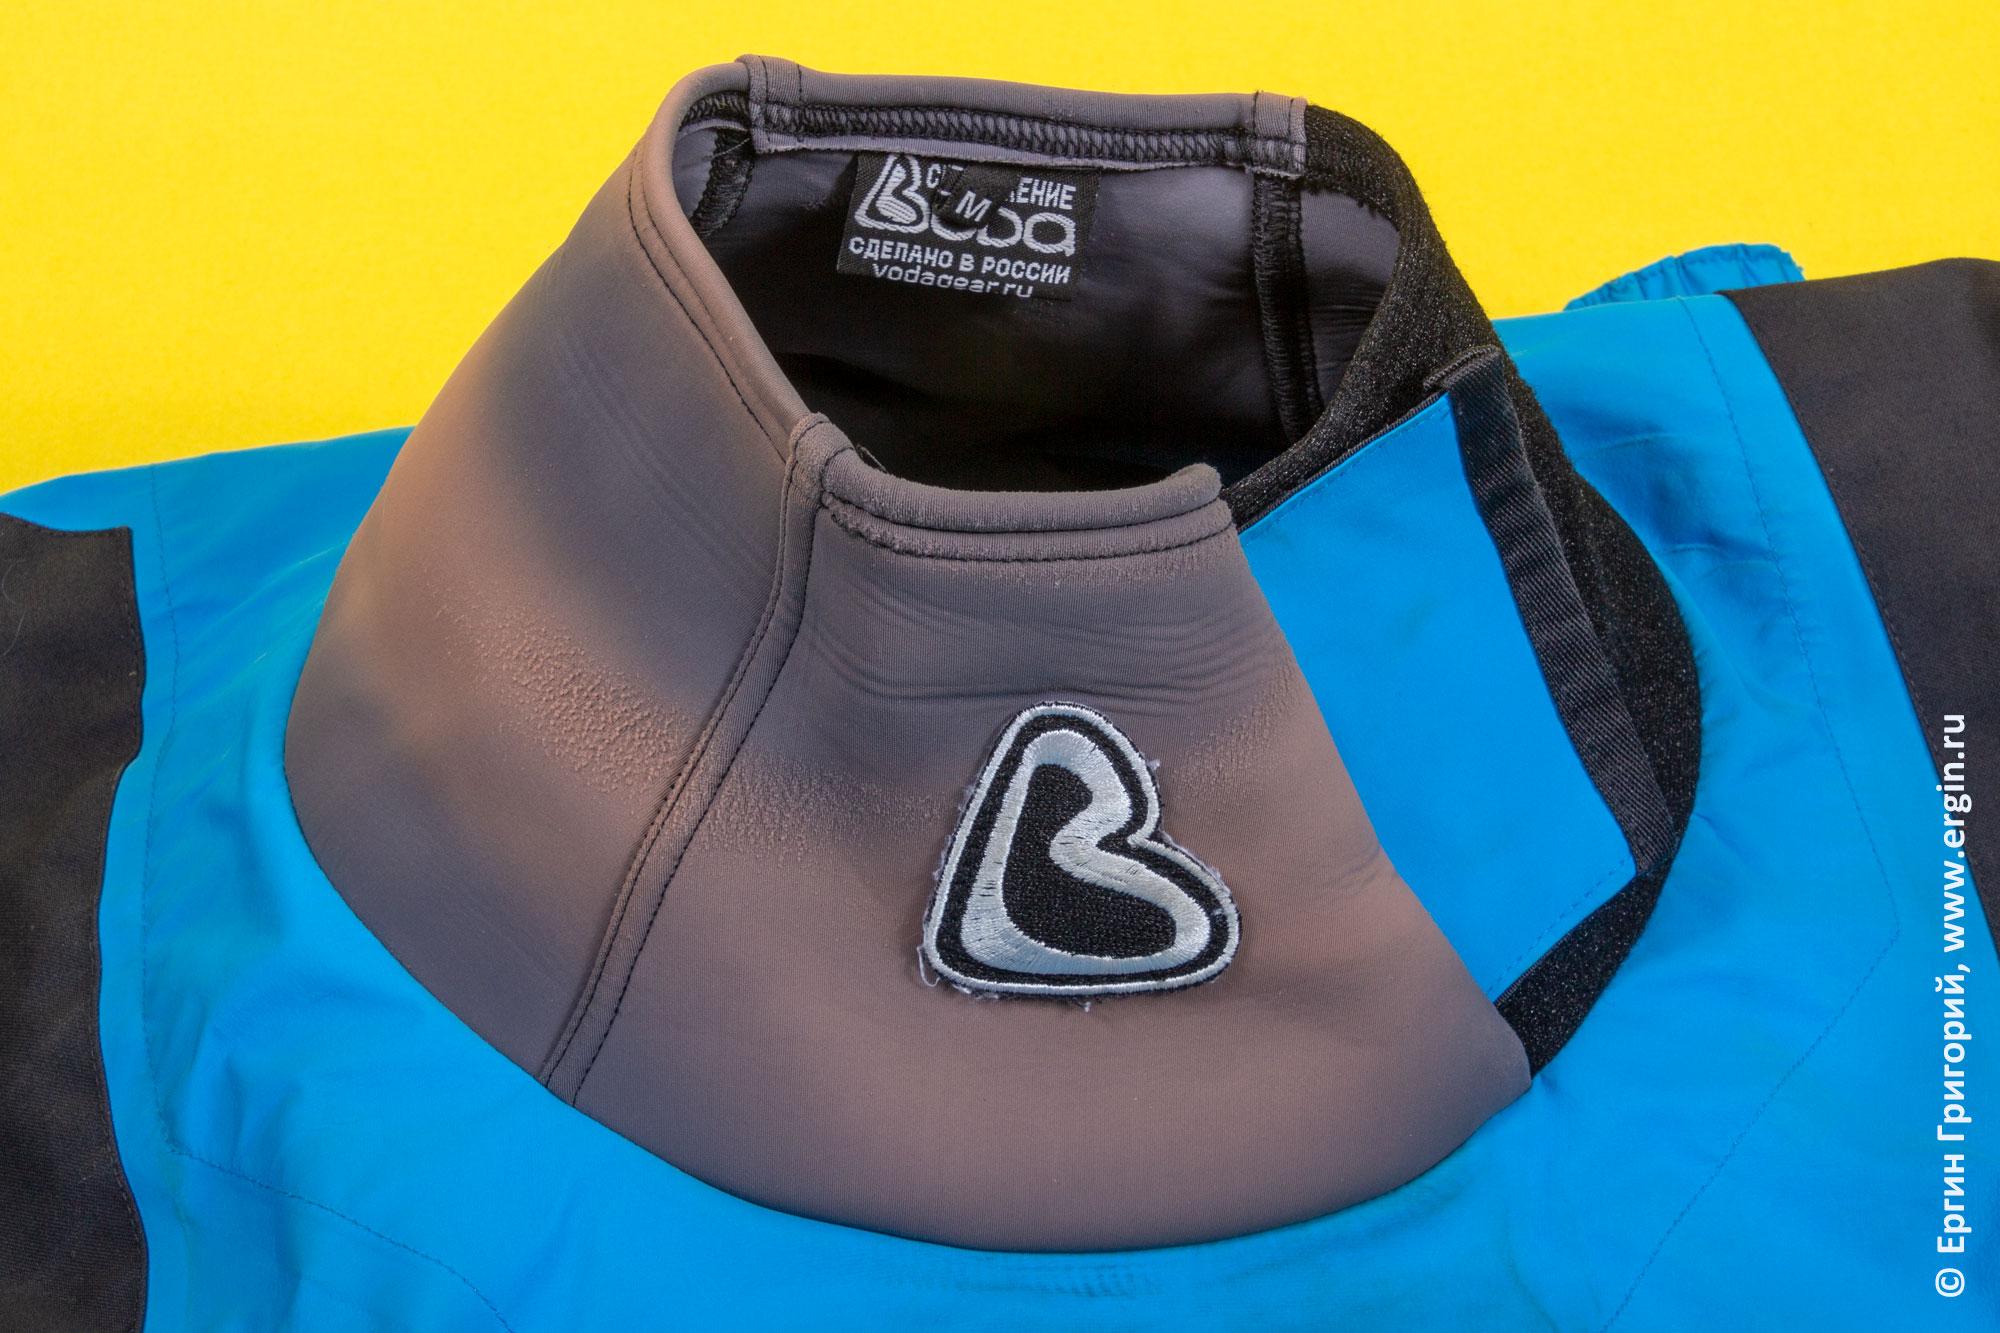 Воротник сухой куртки (драйтопа) каякера